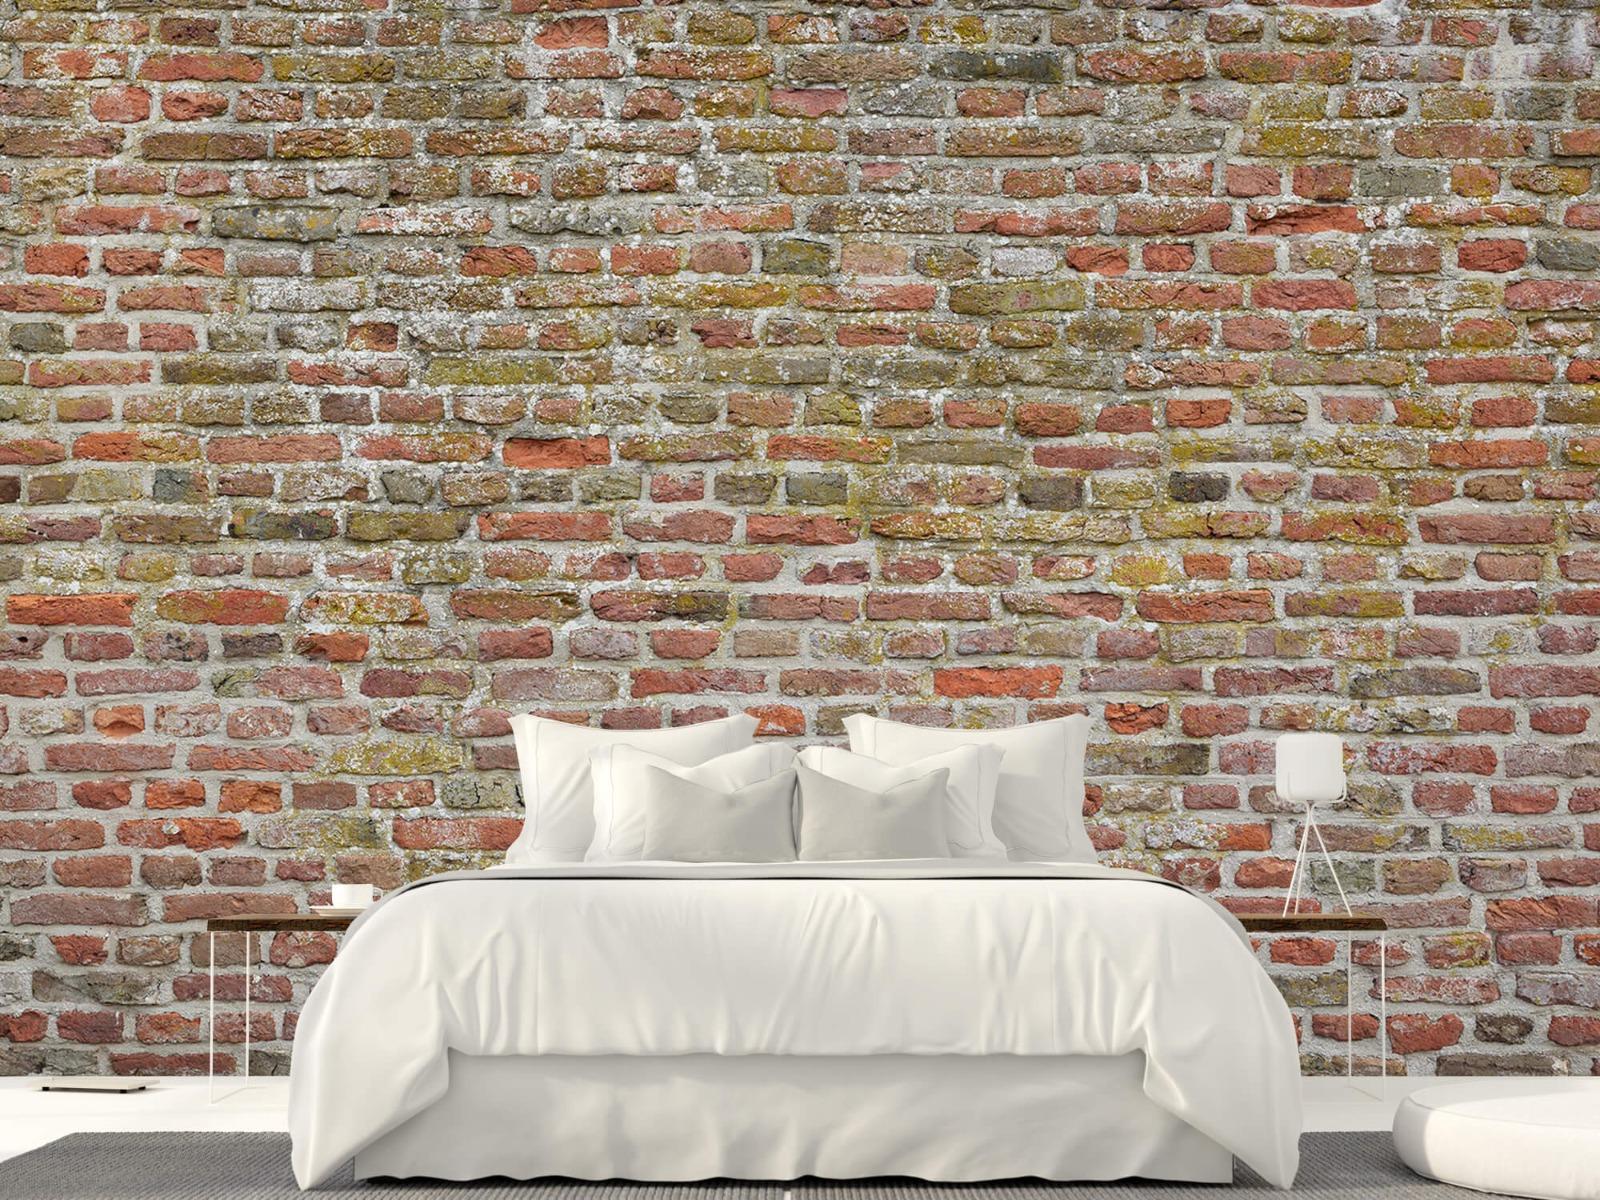 Stenen - Karakteristieke stadsmuur 23